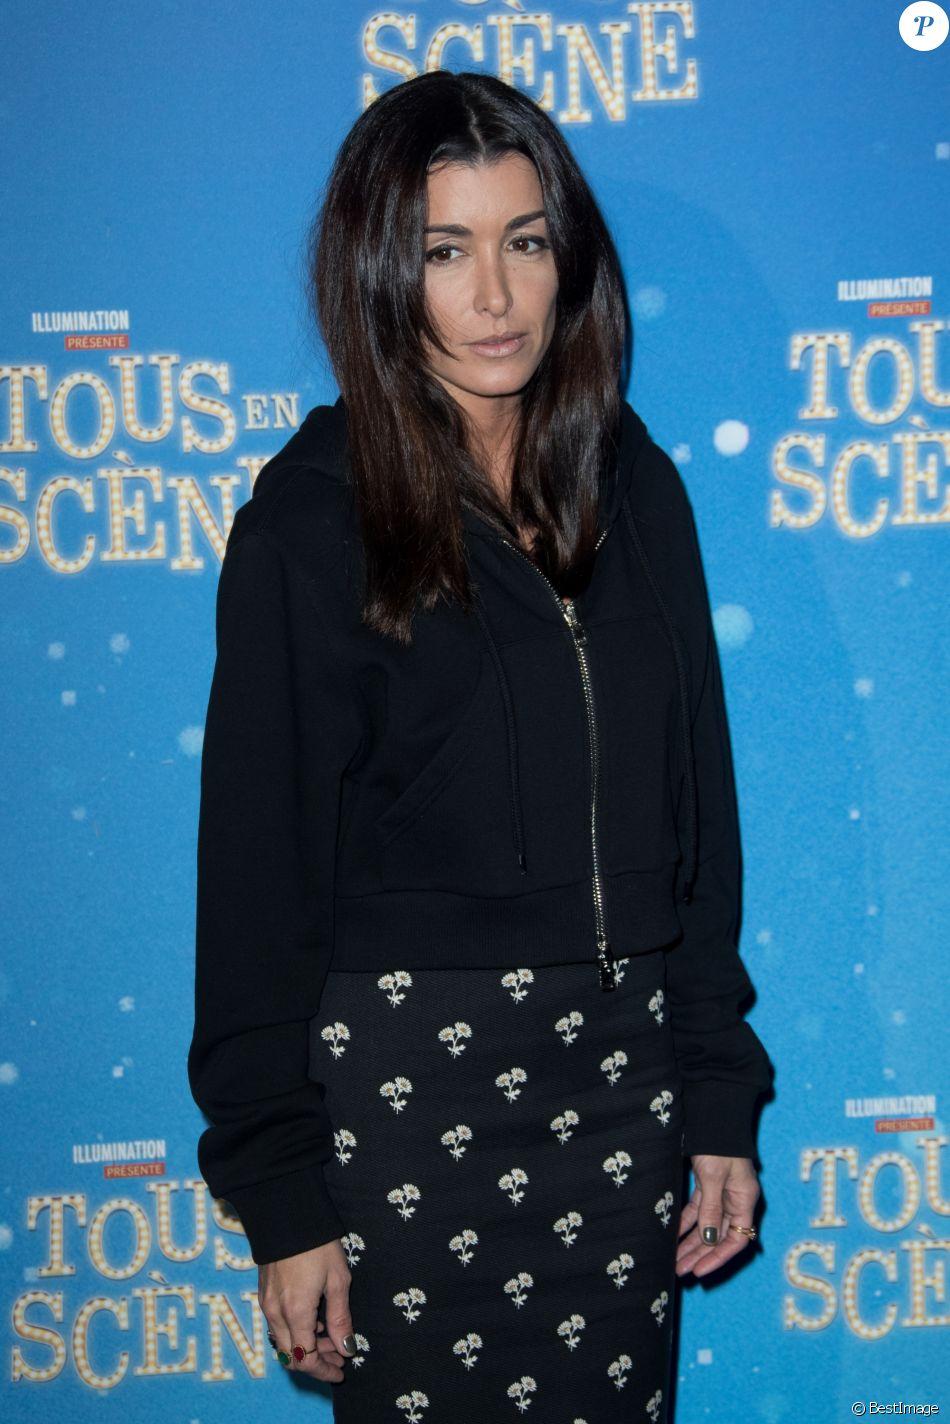 """Jenifer - Avant-première du film """"Tous en scène"""" au Grand Rex à Paris. Le 14 janvier 2017 © Cyril Moreau / Bestimage"""